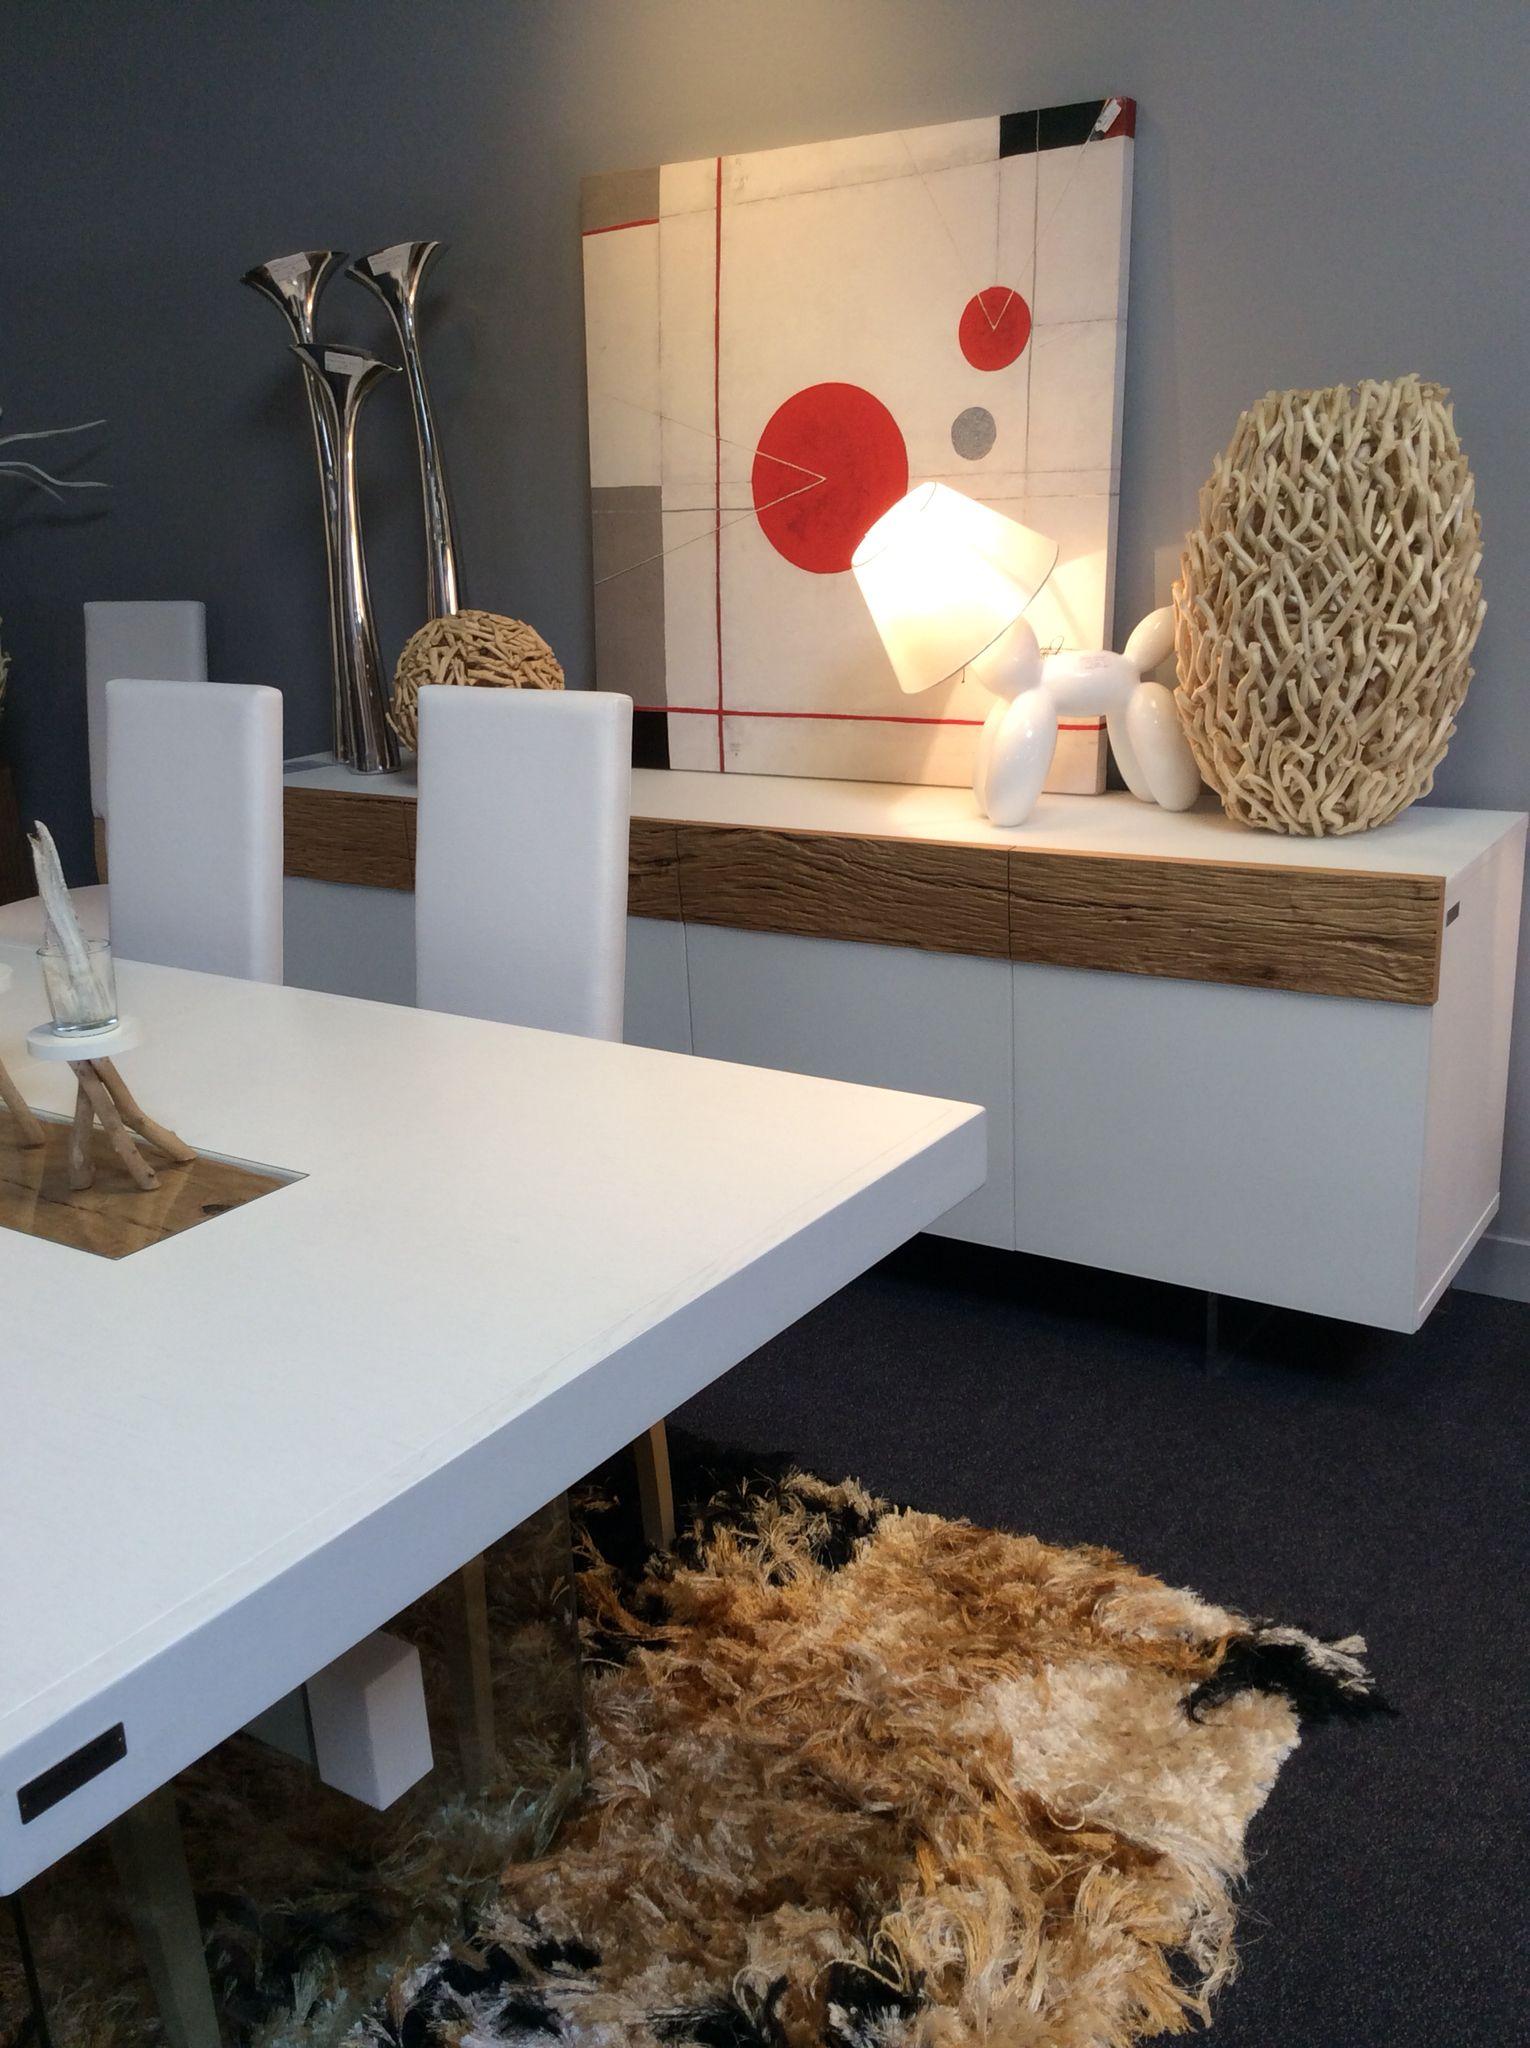 Expression l 39 harmonie du bois structur et du verre mat meubles ernest m nard france - Meuble ernest menard occasion ...